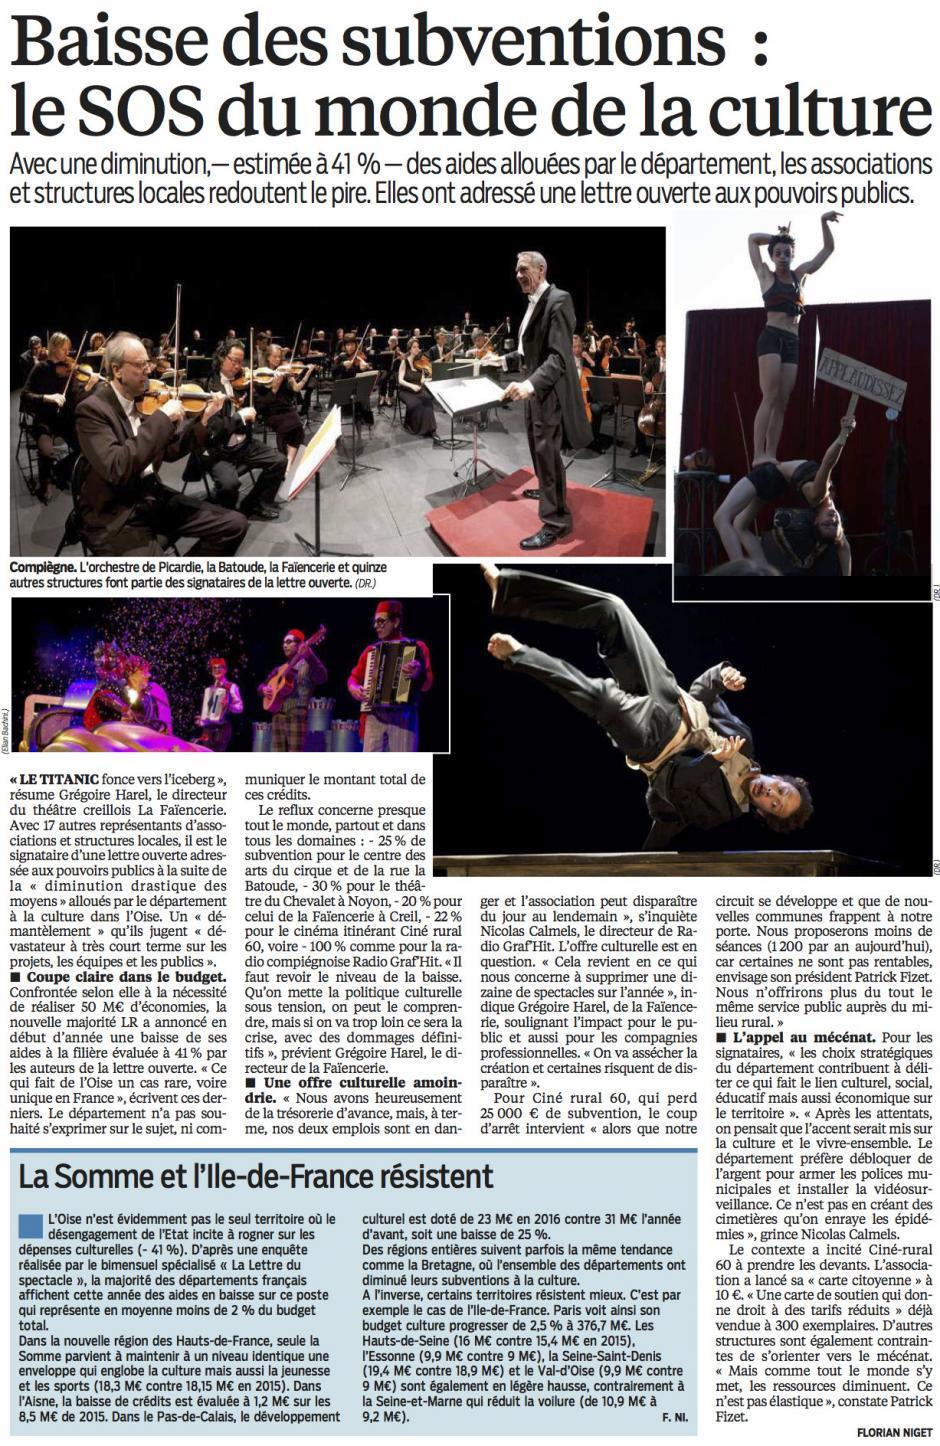 20160422-LeP-Oise-Baisse des subventions : le SOS du monde de la culture